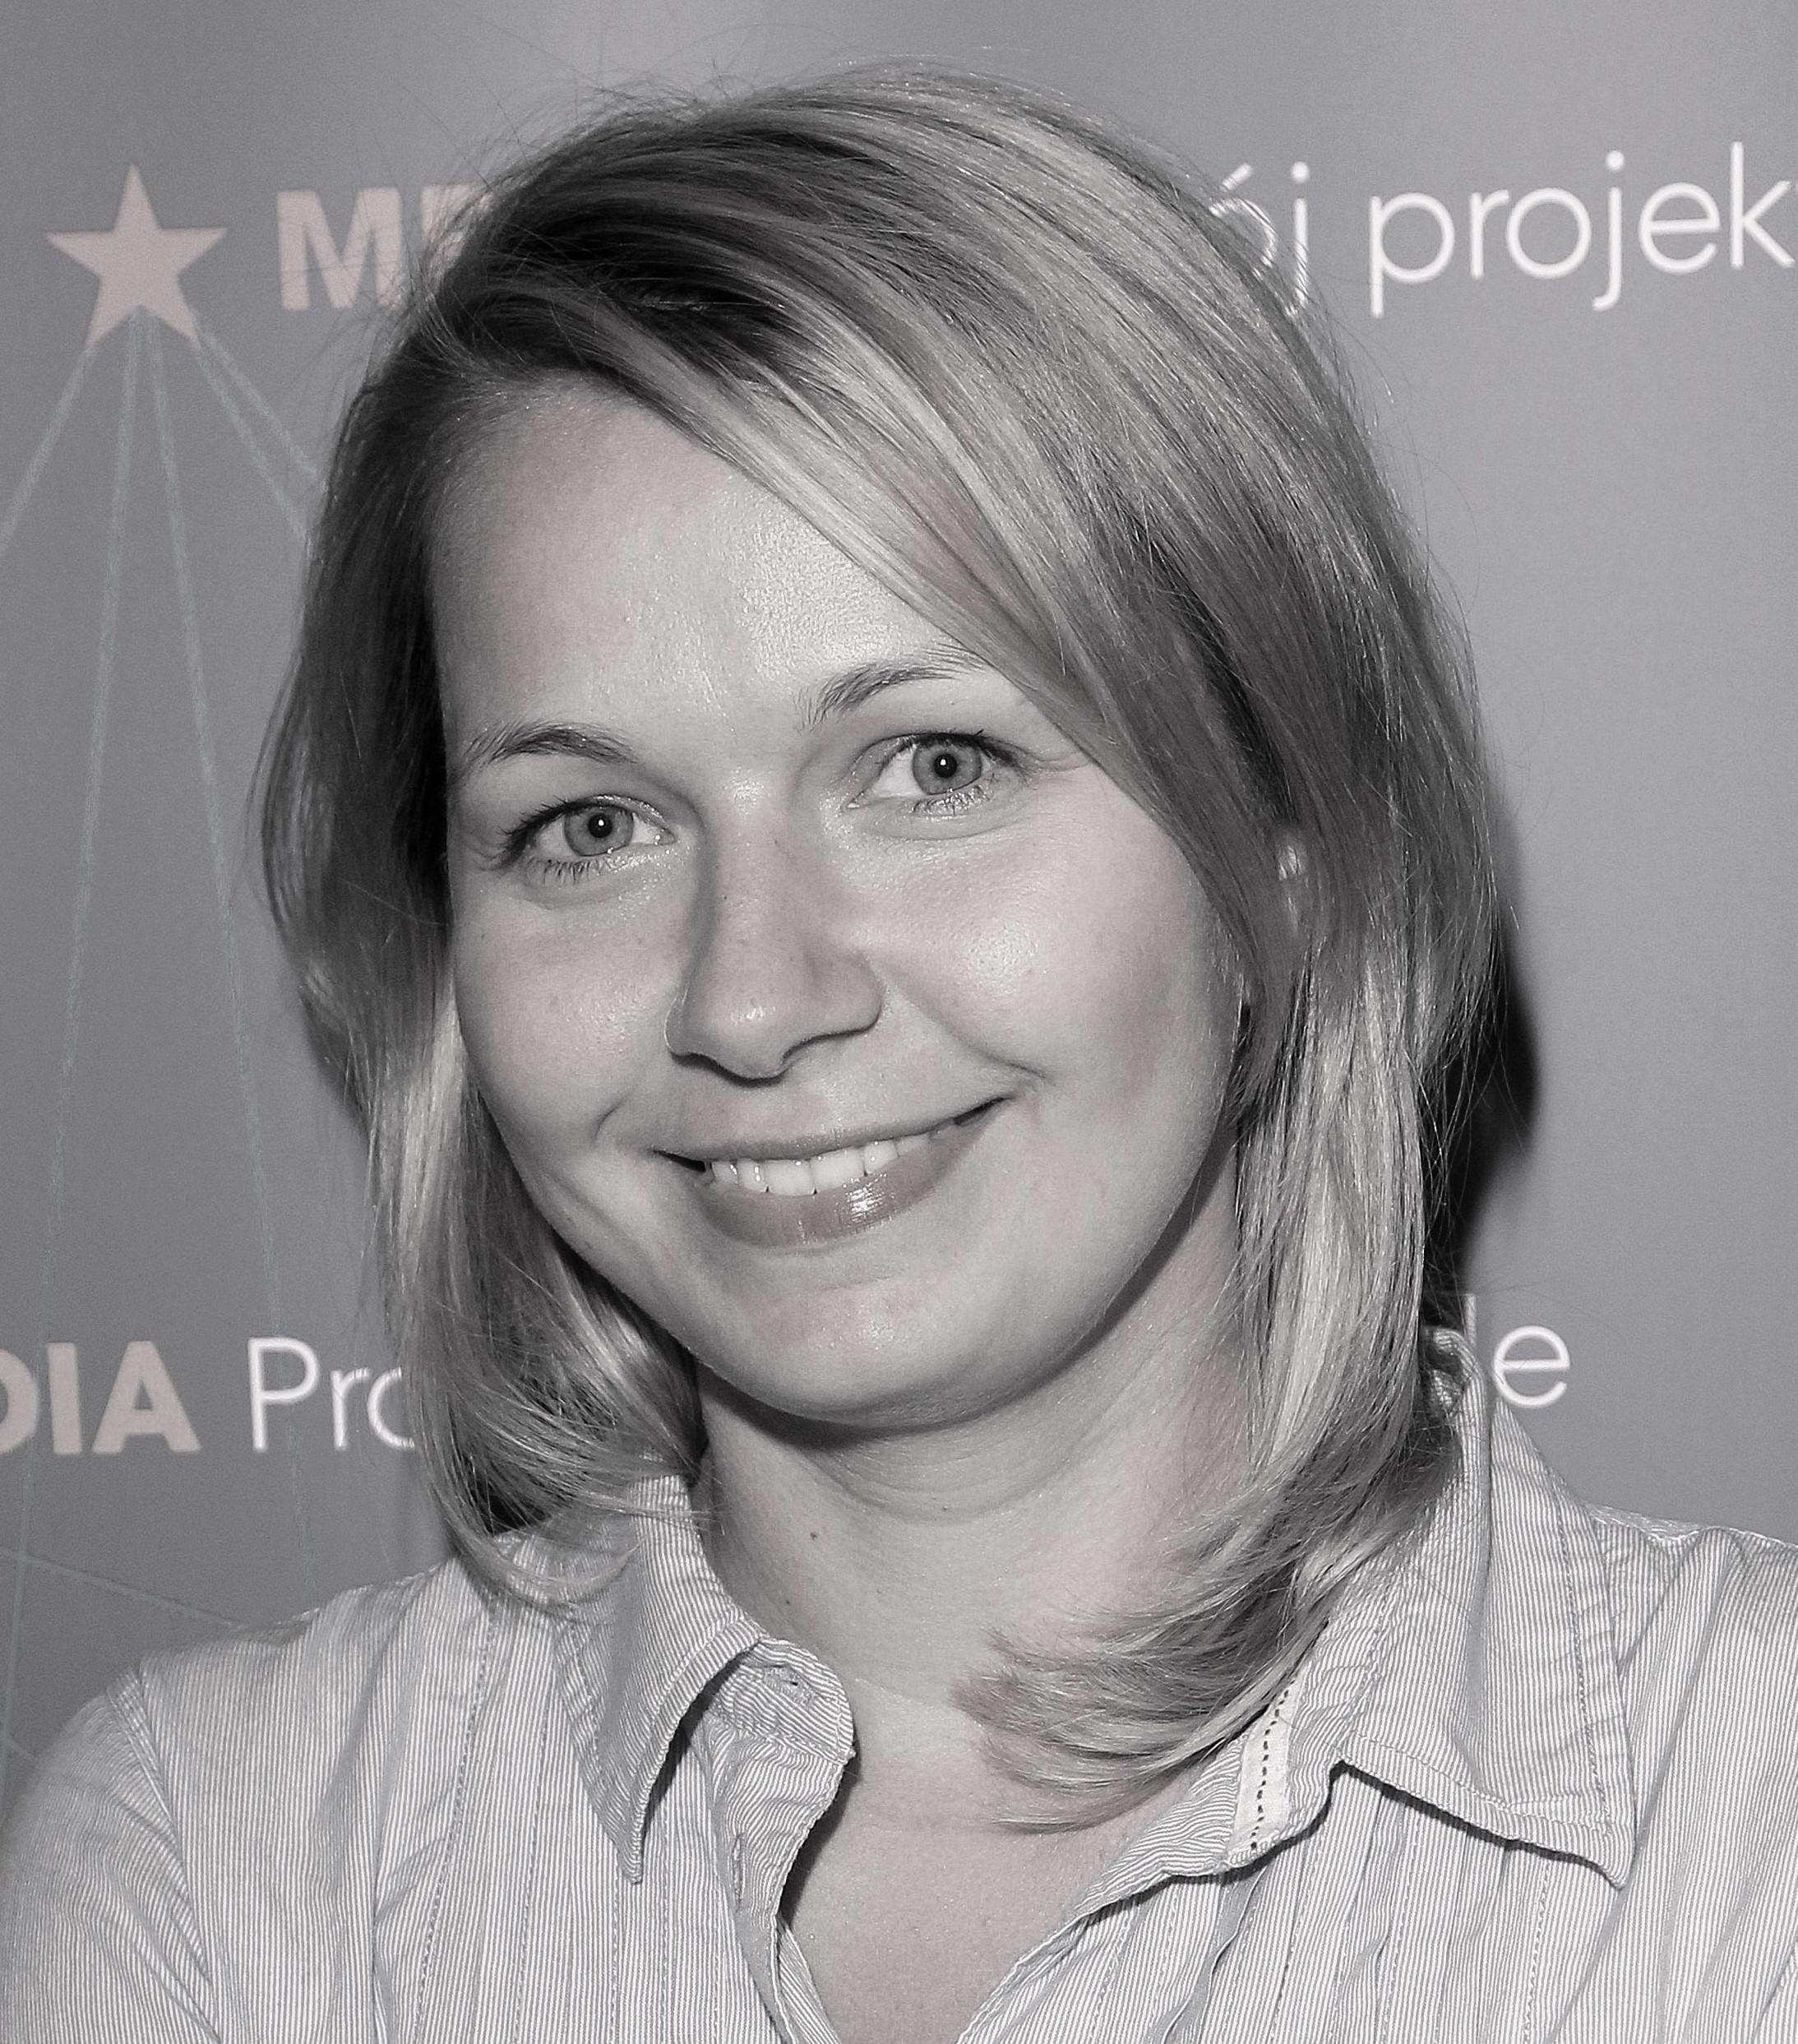 Dana Pohl